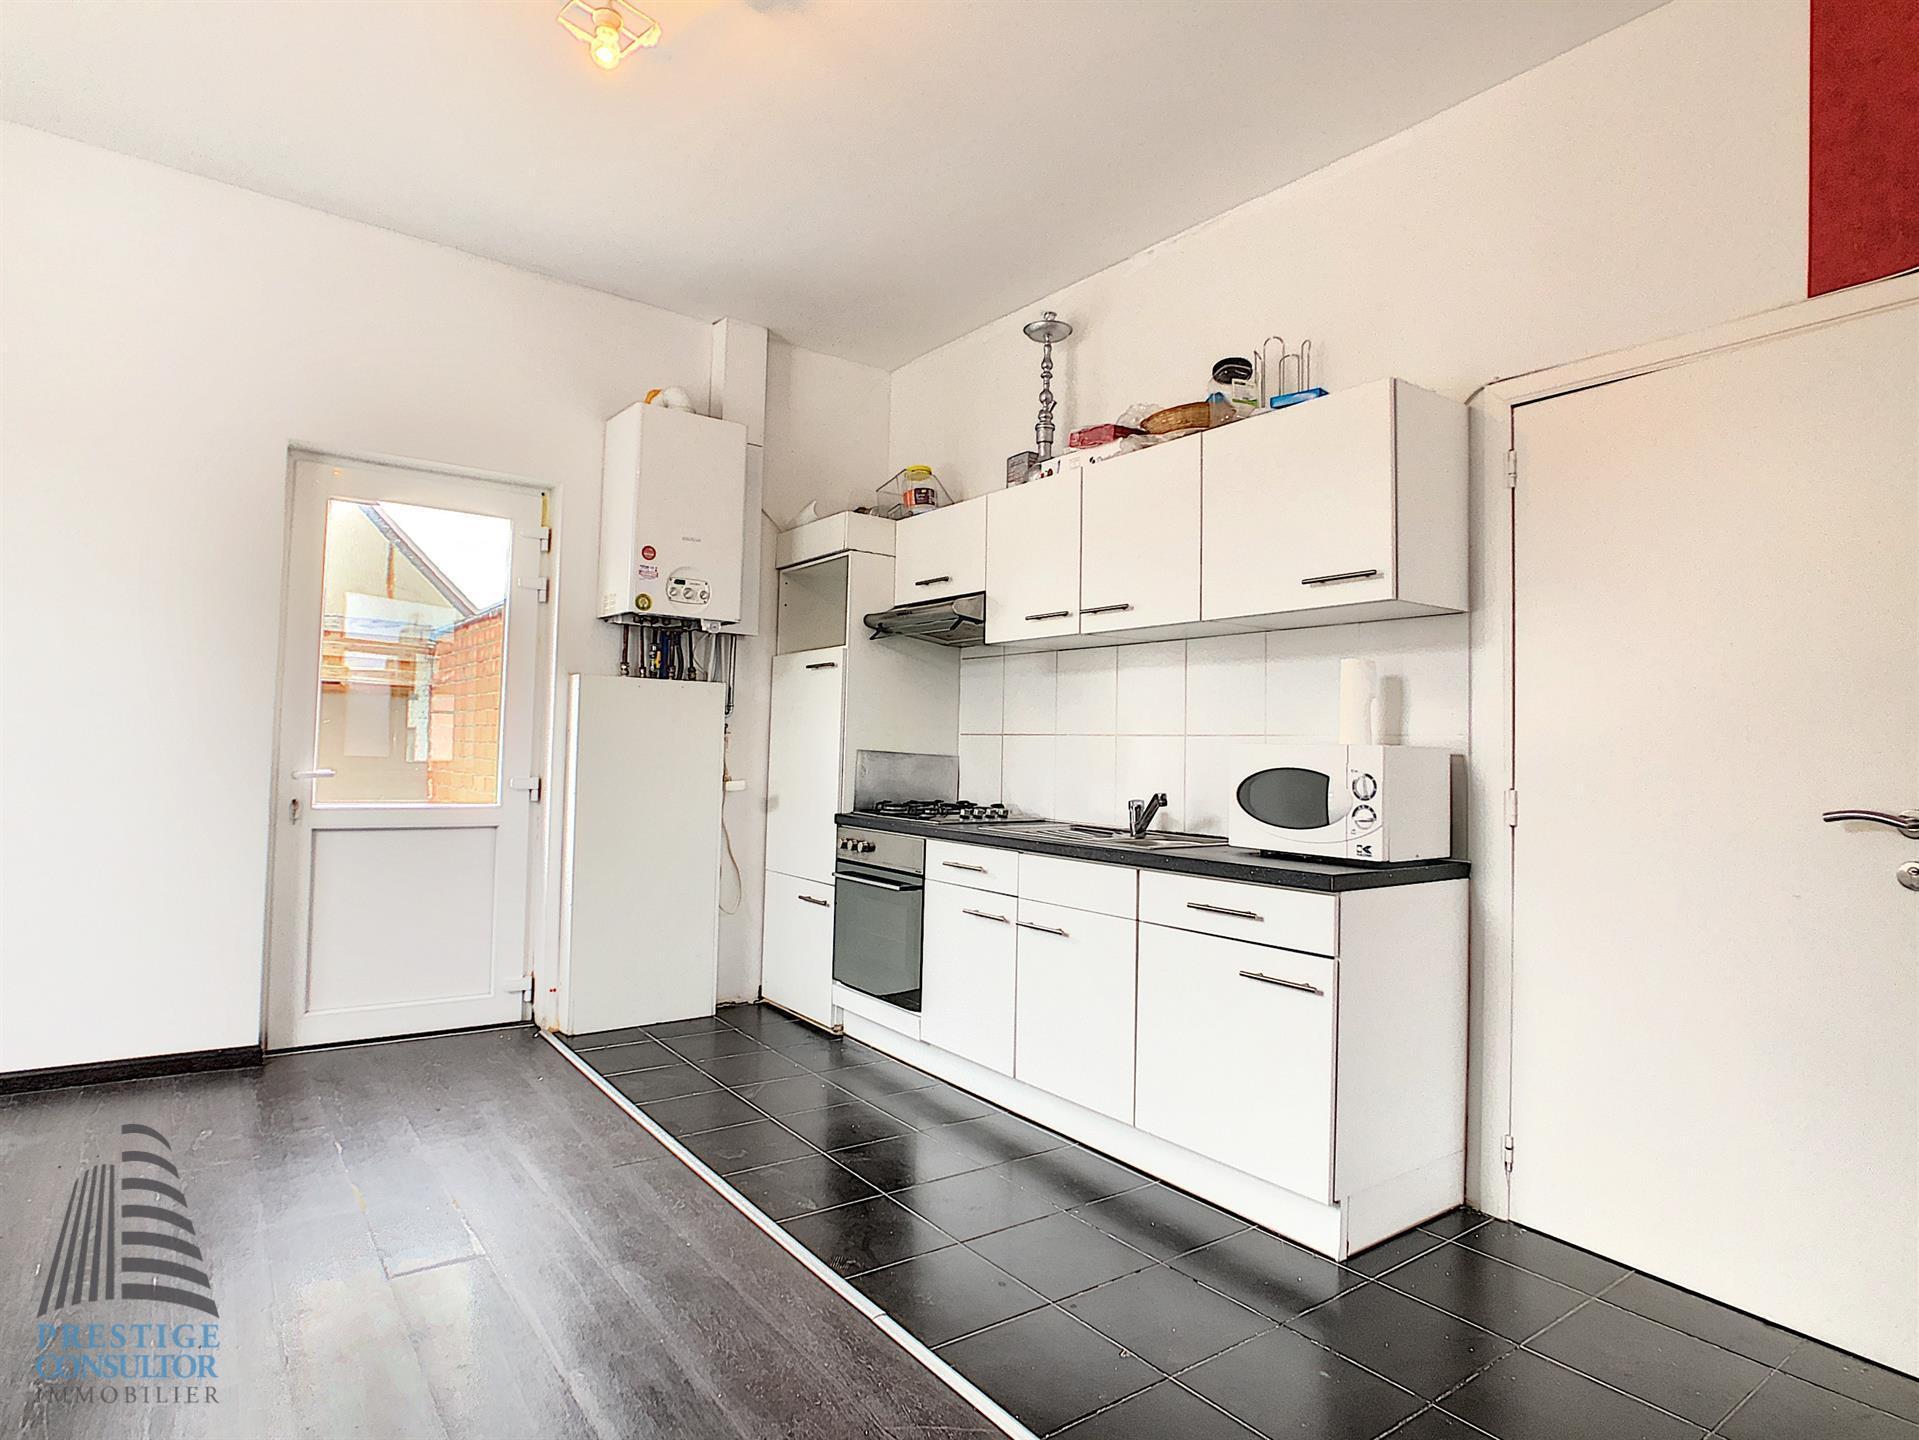 Duplex - Grimbergen - #3942270-0